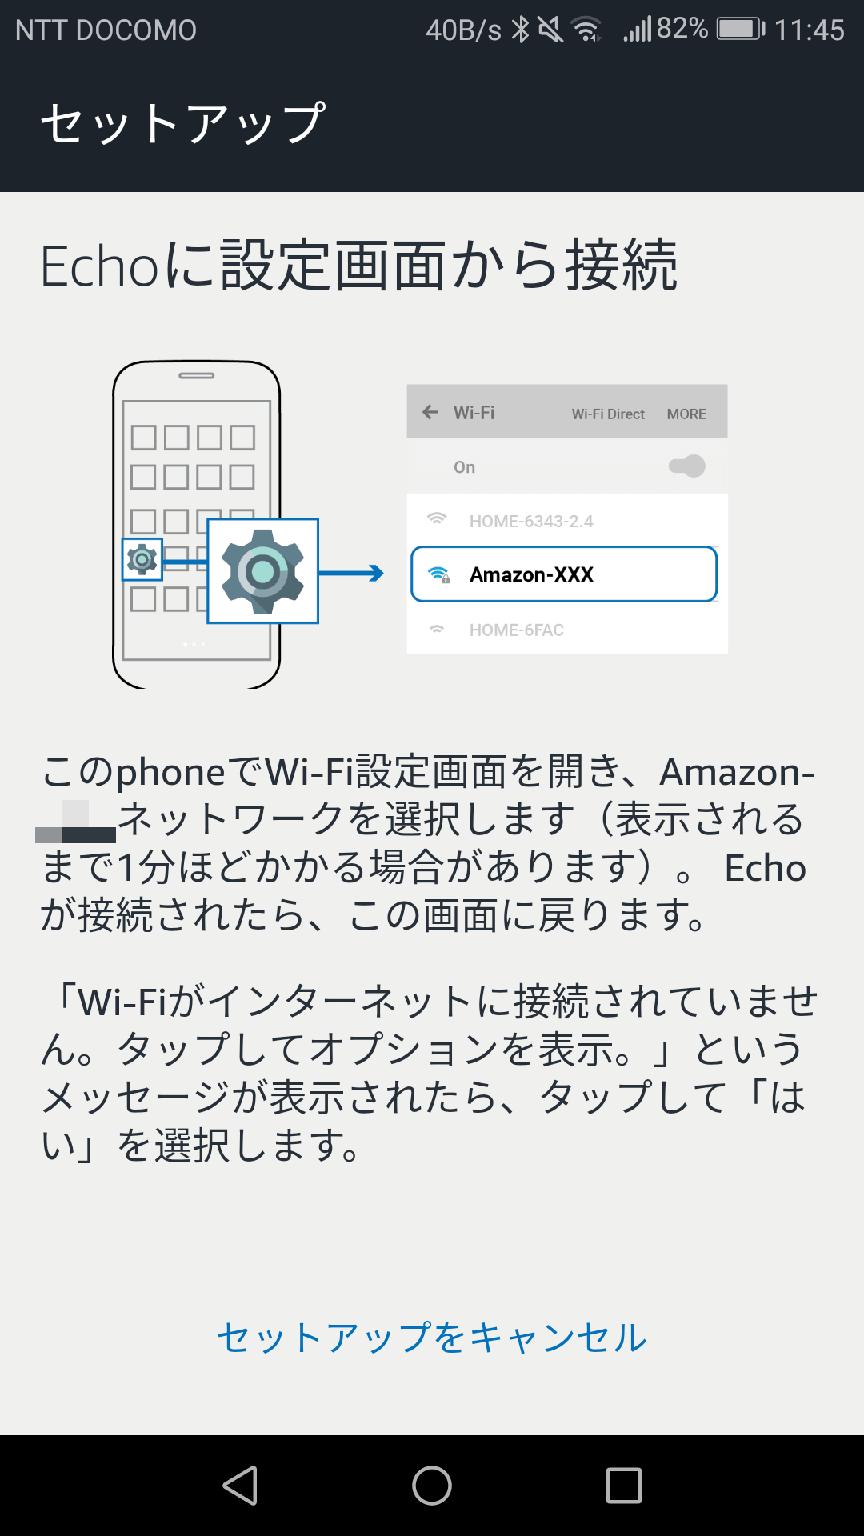 アマゾンアレクサ(Amazon Alexa)アプリの[Echoに設定画面から接続]画面